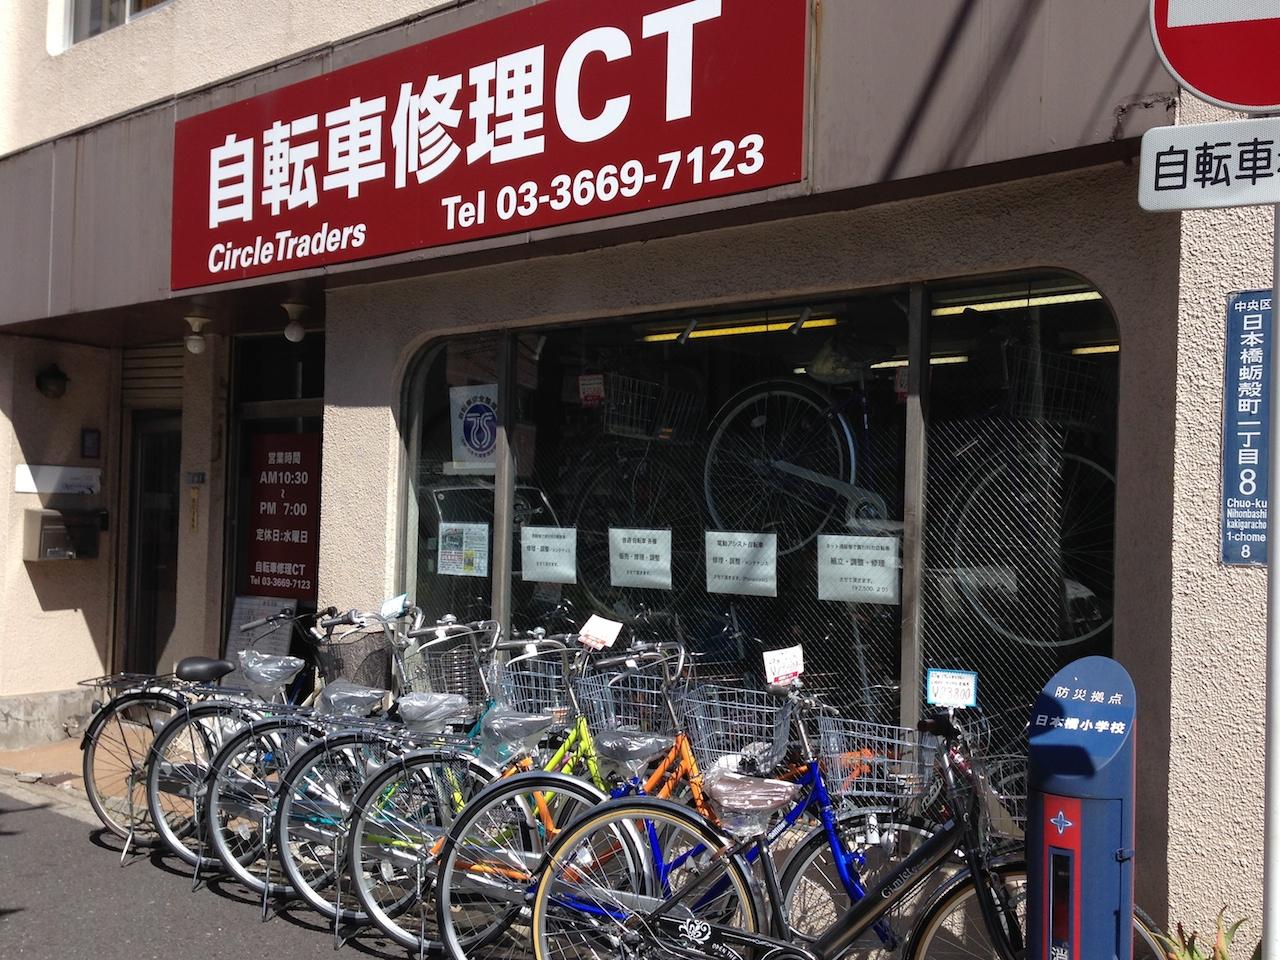 自転車修理CT より御知らせです。